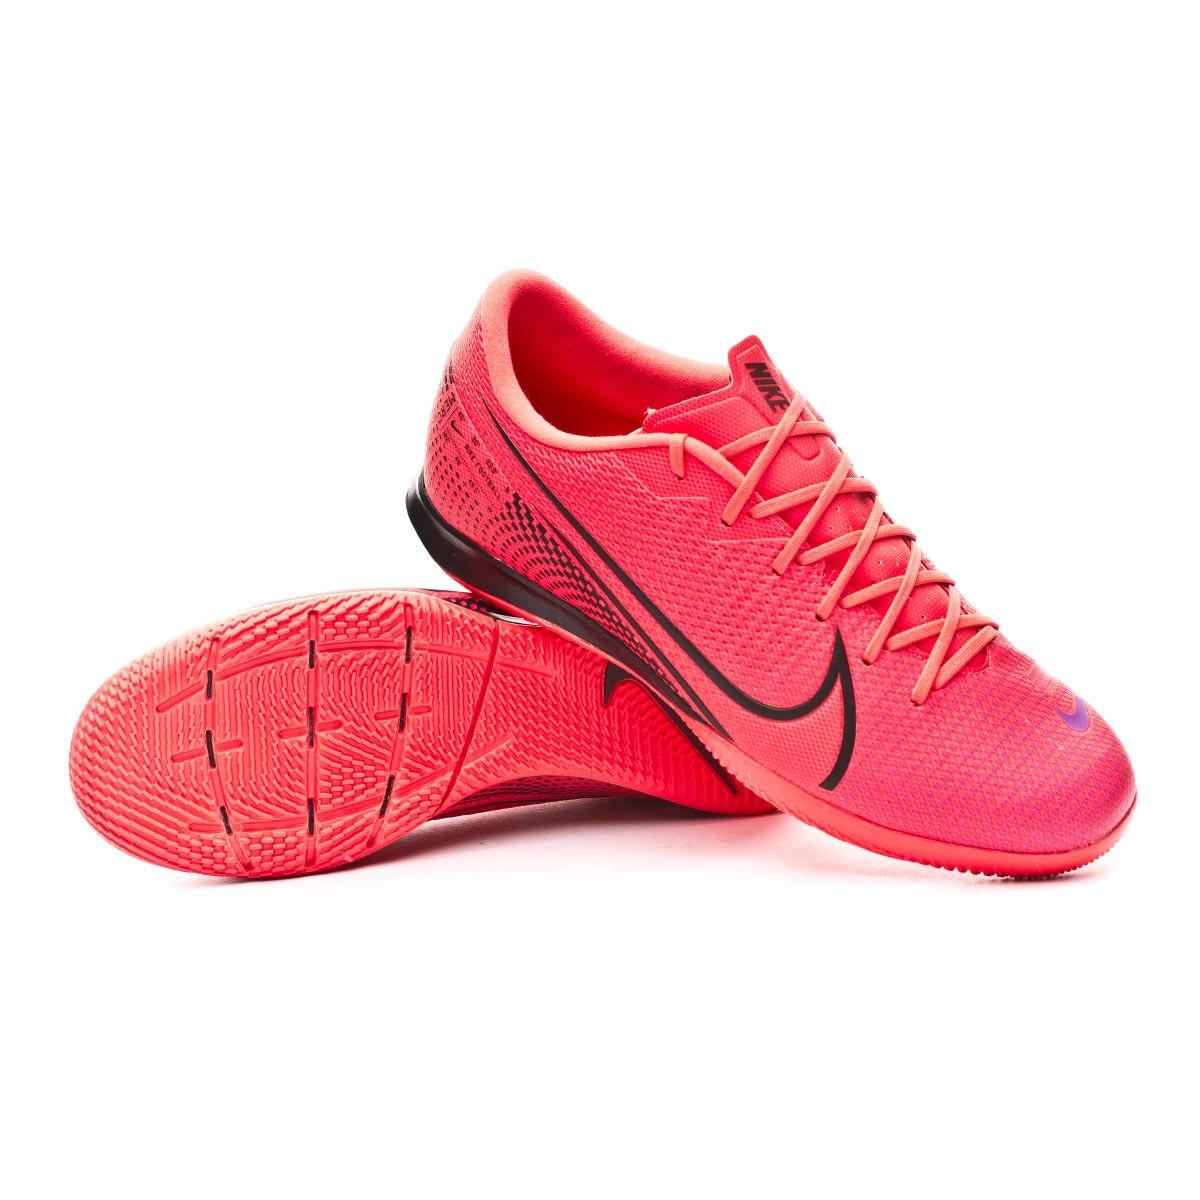 Sapatilha Ponta Barata Nike com o Melhores Preços no